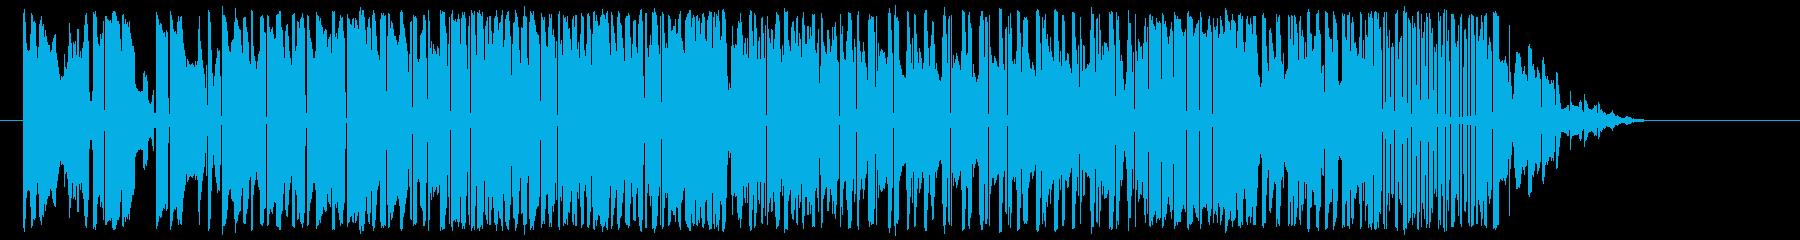 ツーリストブルズの再生済みの波形